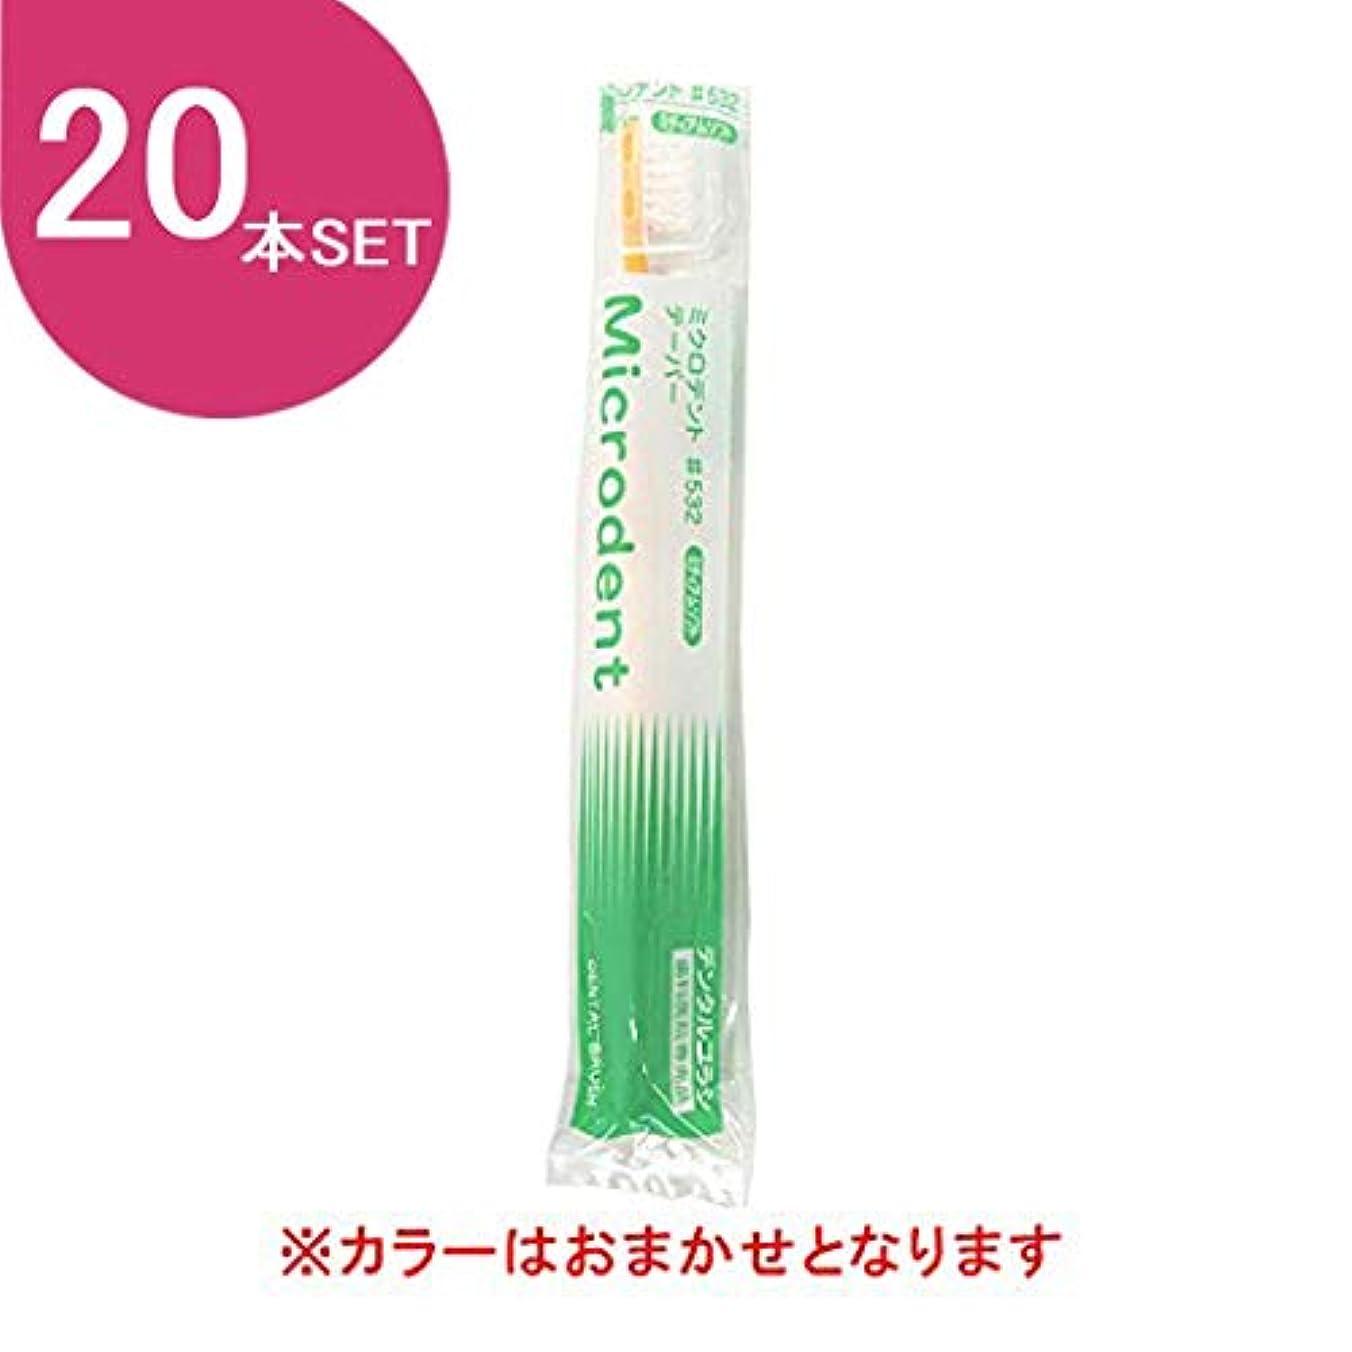 やめる期待して振る舞い白水貿易 ミクロデント (Microdent) 20本 #532 (ミディアム)